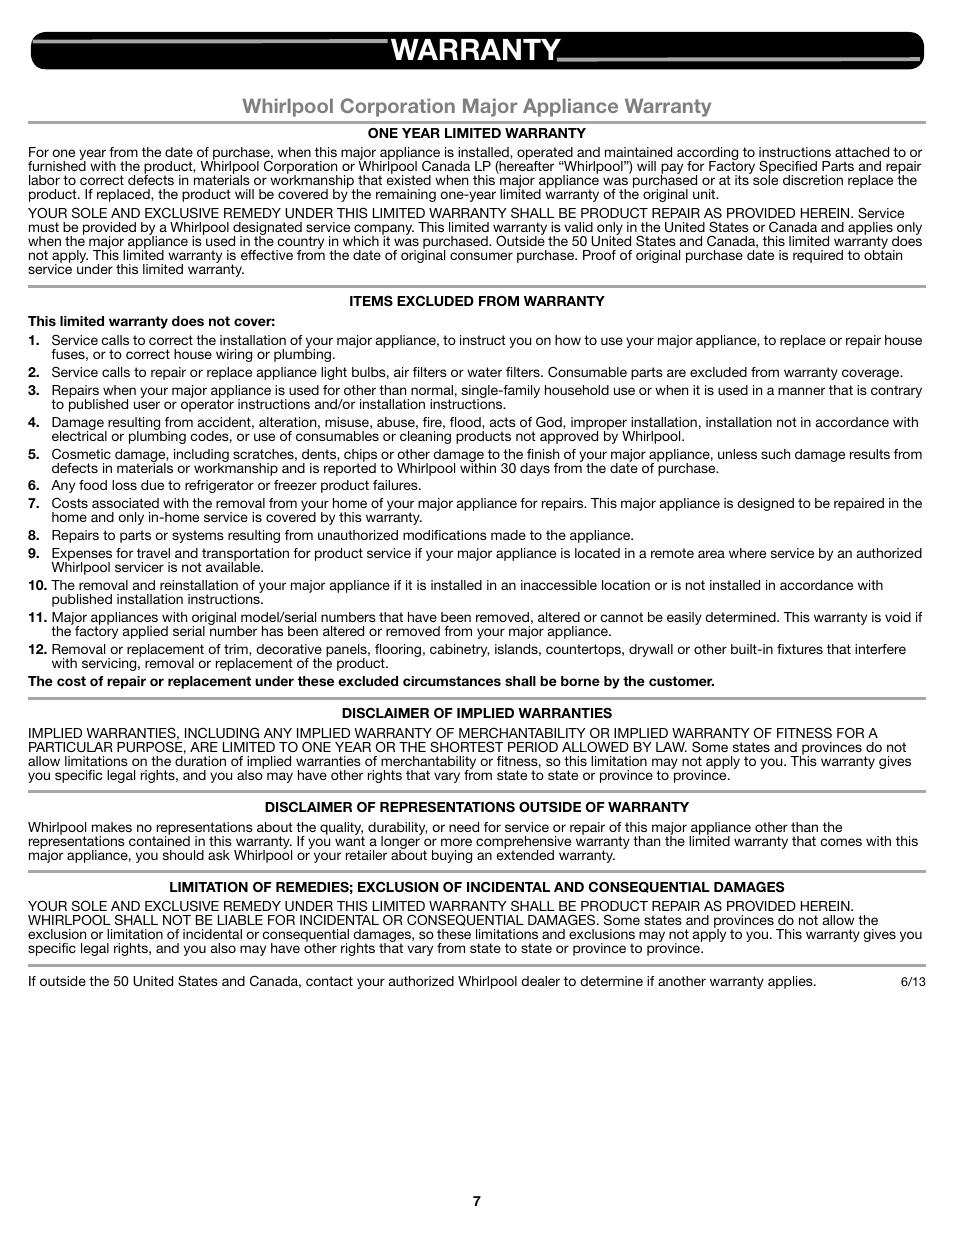 Warranty Whirlpool Corporation Major Appliance Warranty